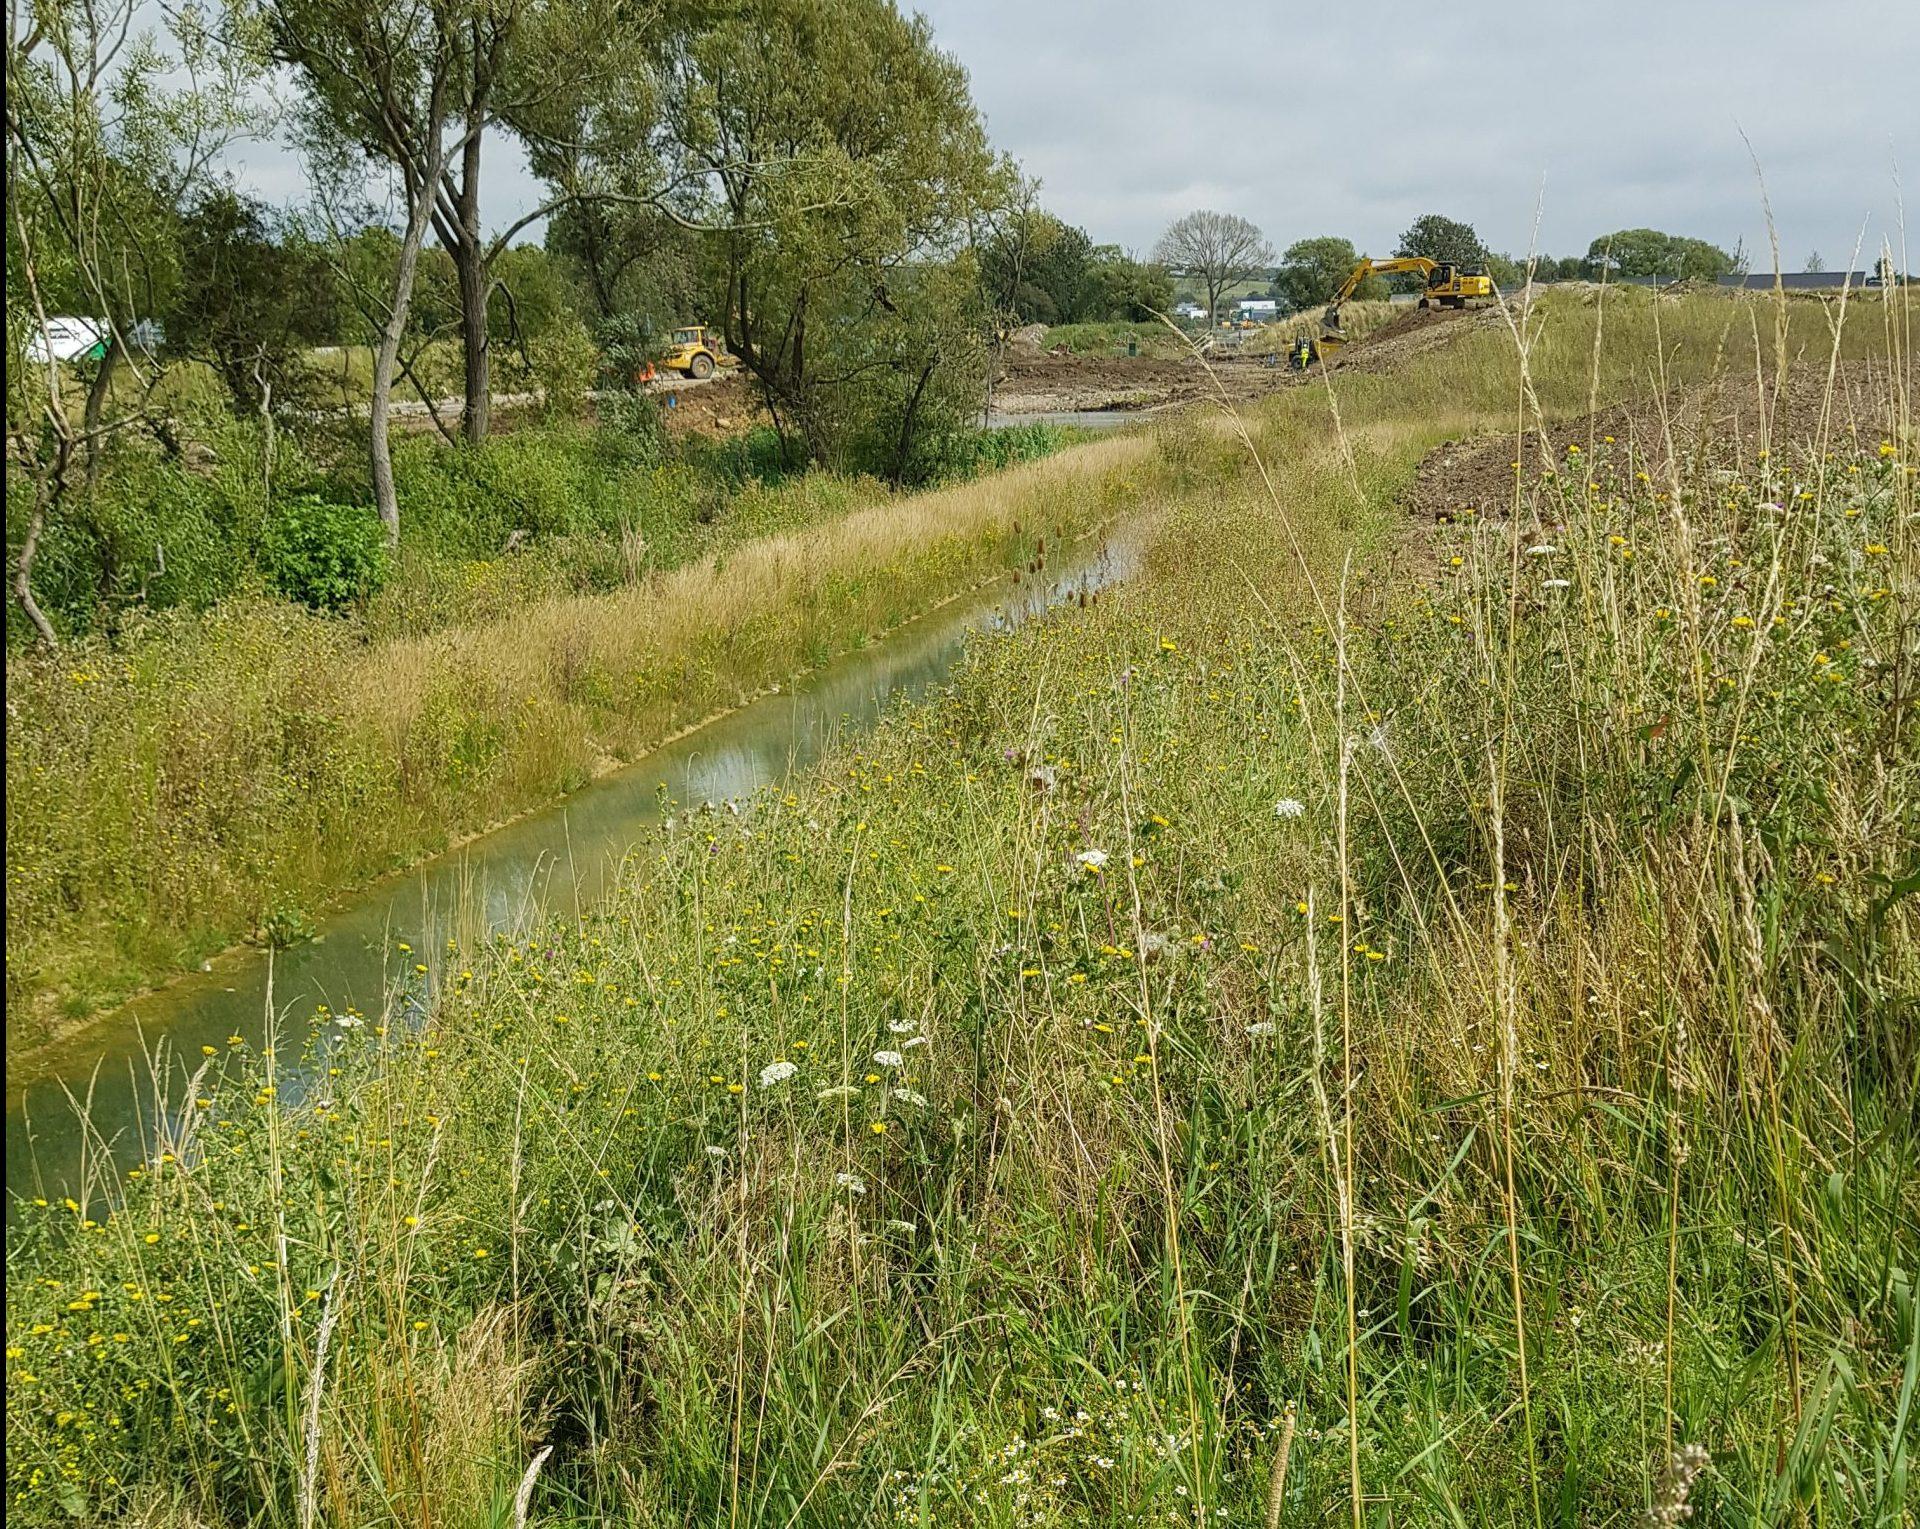 Vegetated steep embankments